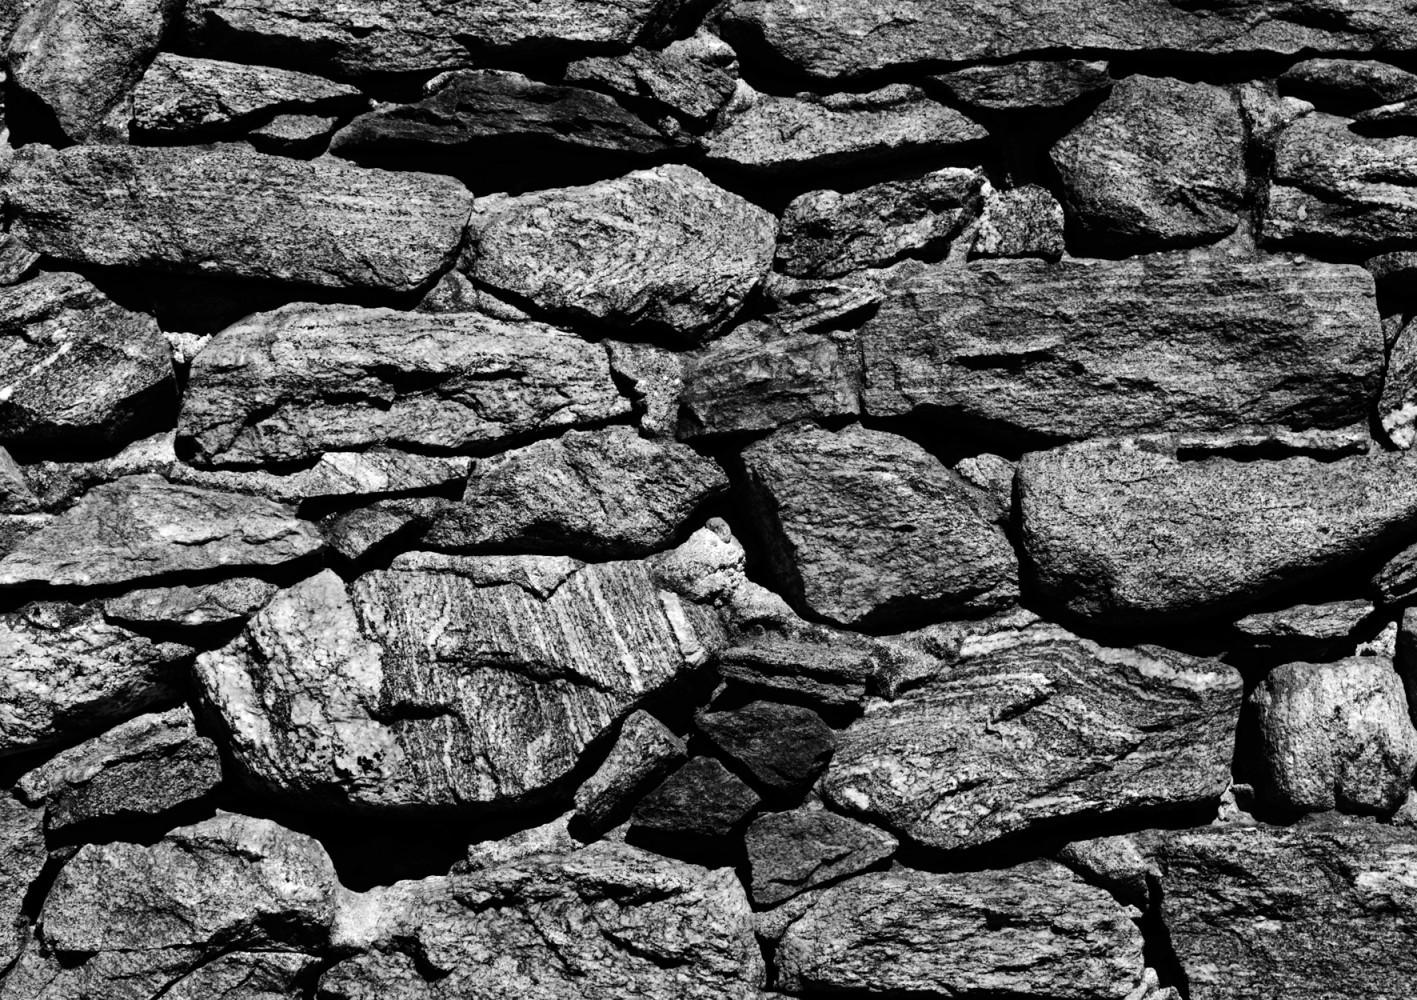 Fototapete steinoptik 3d klinker – sehremini